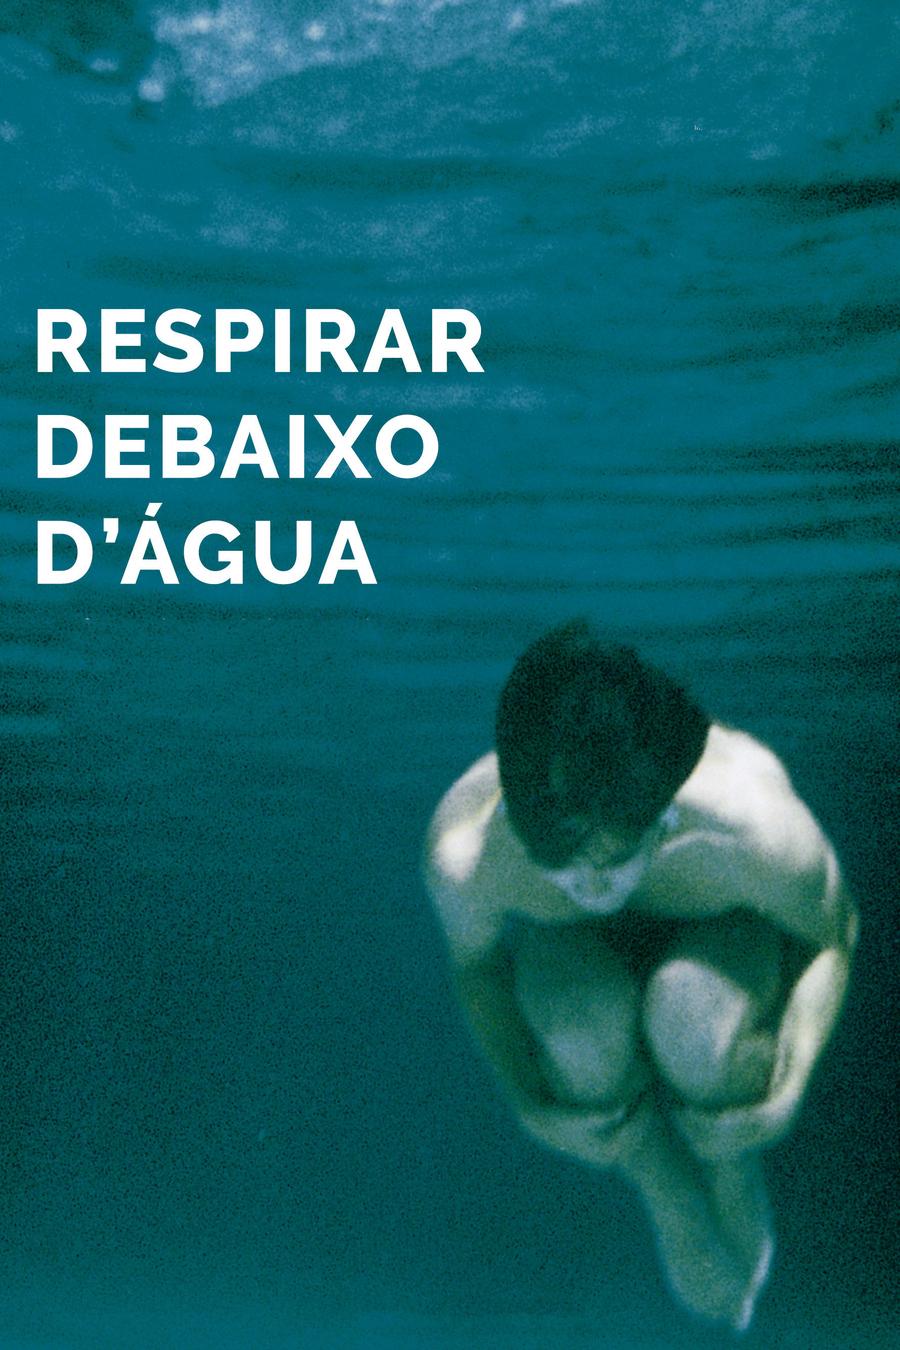 Respirar Debaixo D'água